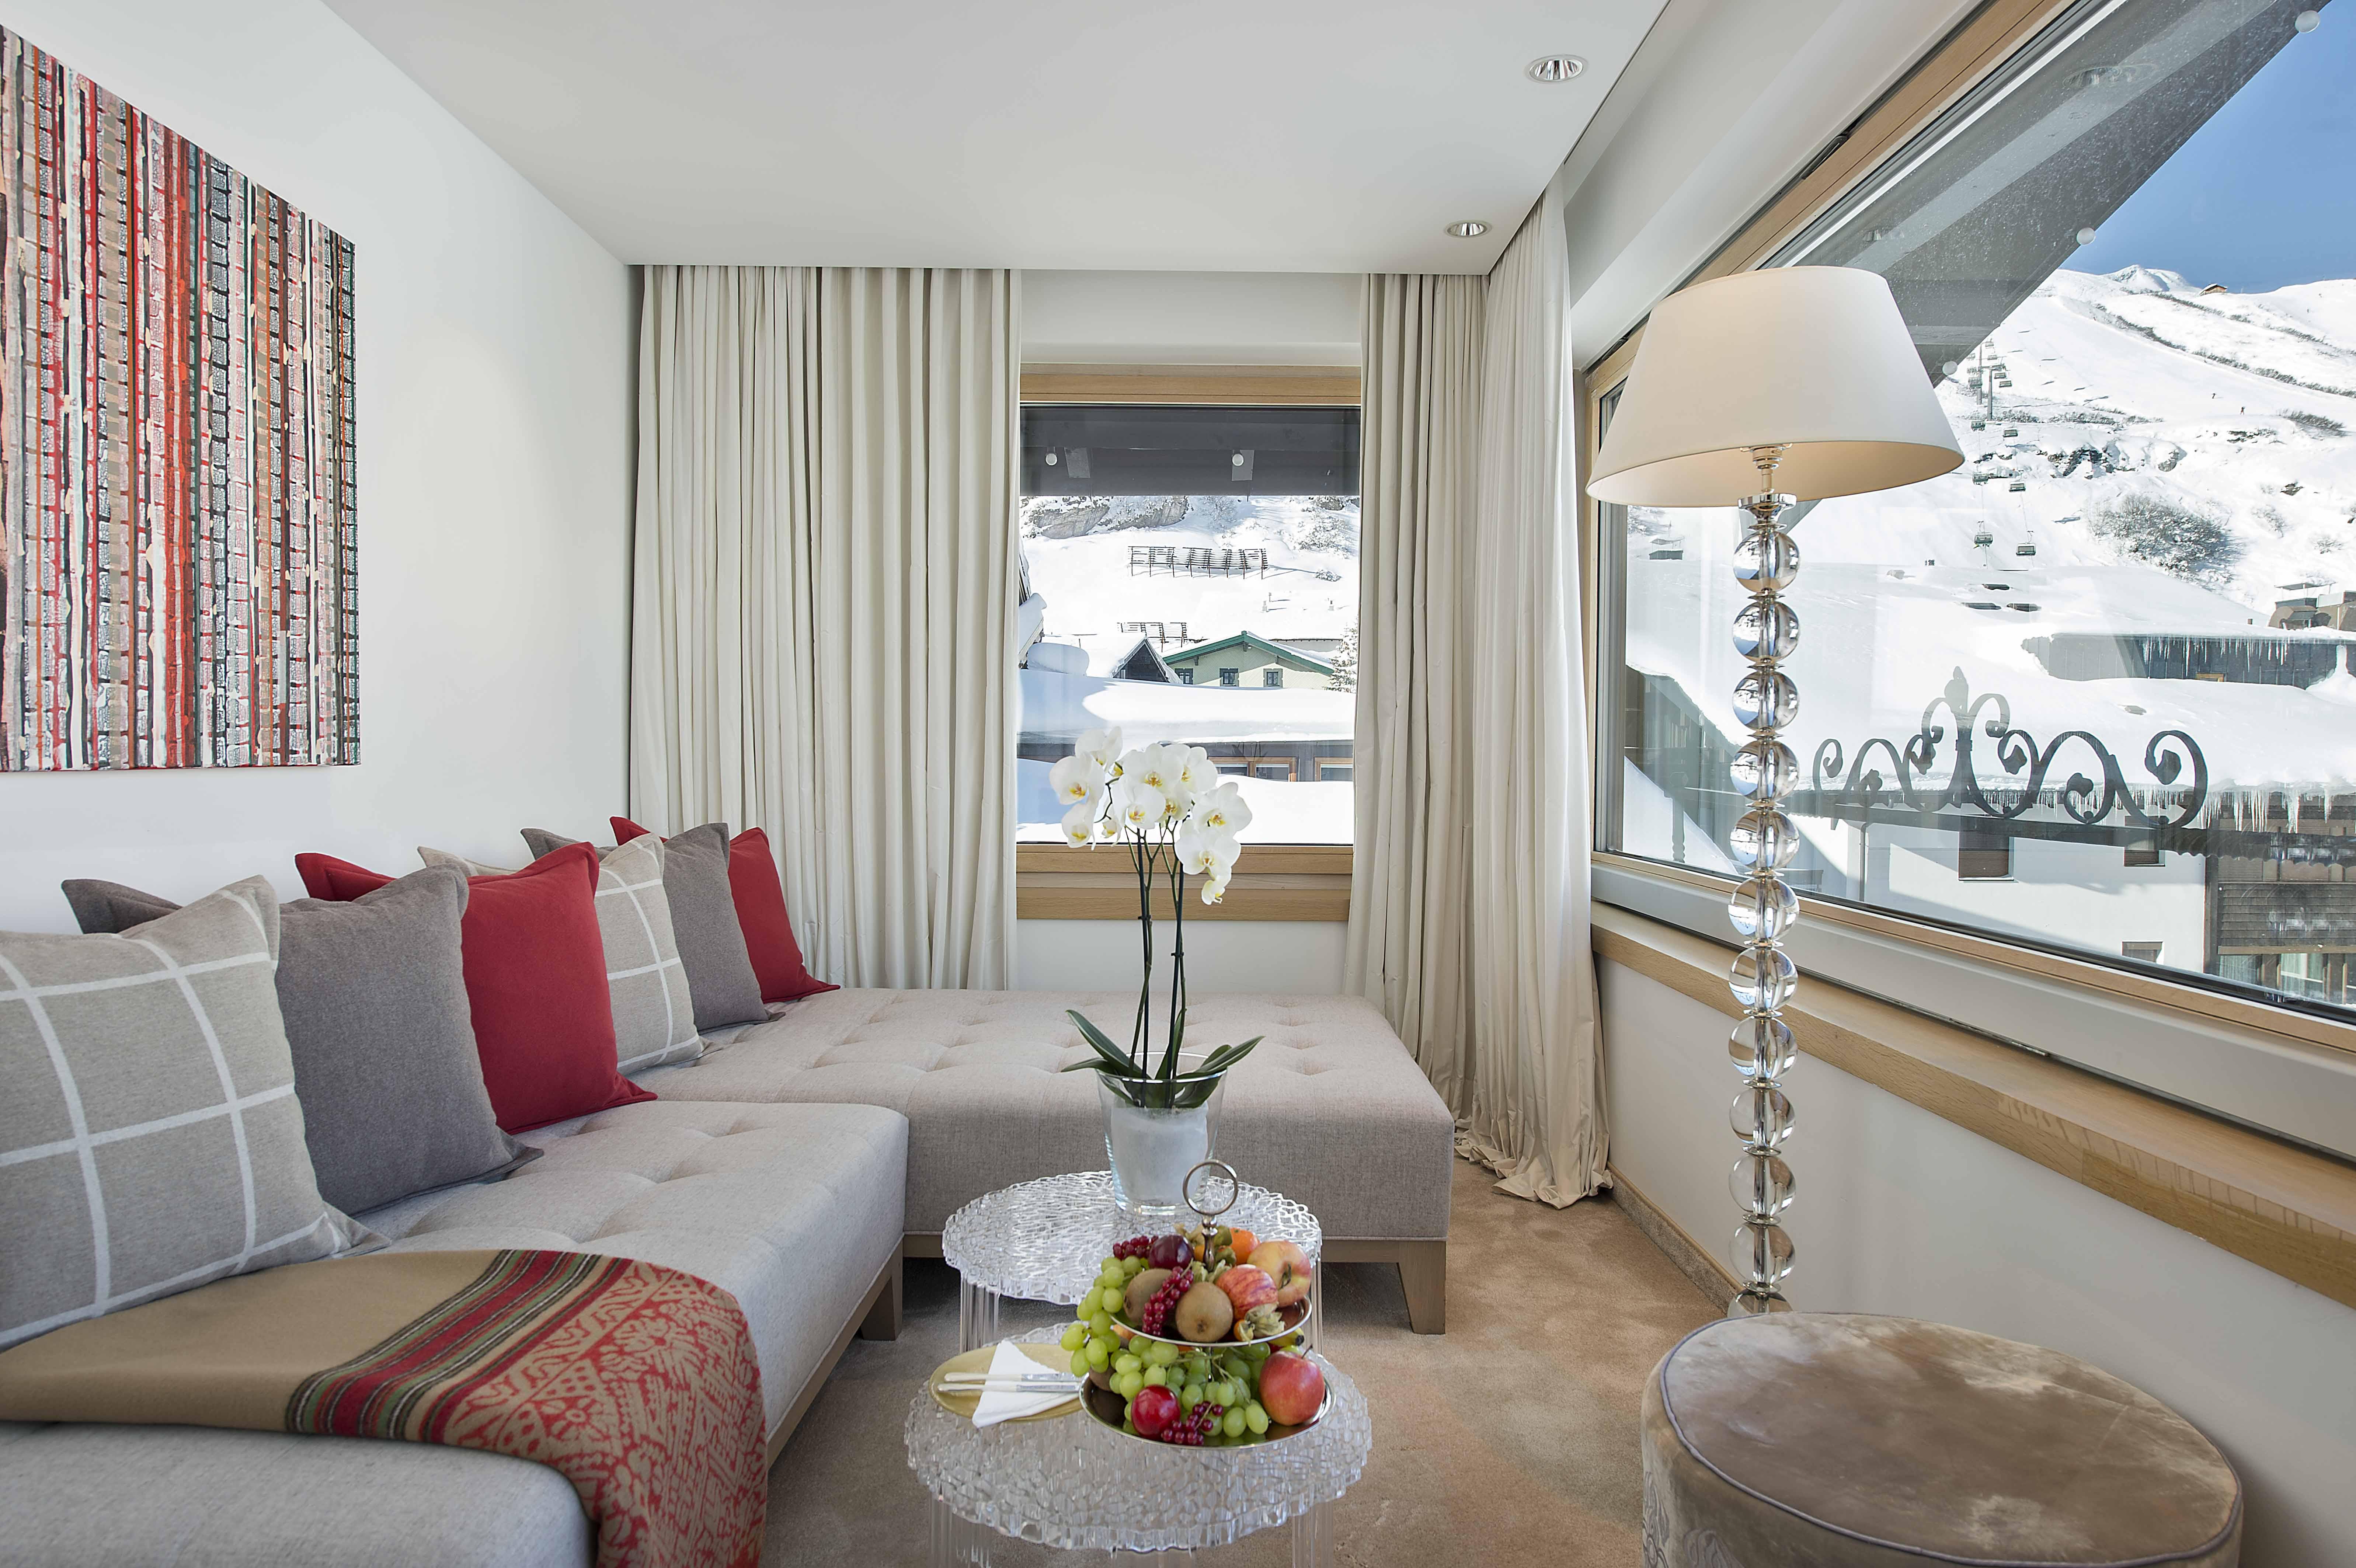 Wohnbereich in einer Suite des Hotels mit Blick auf den Arlberg